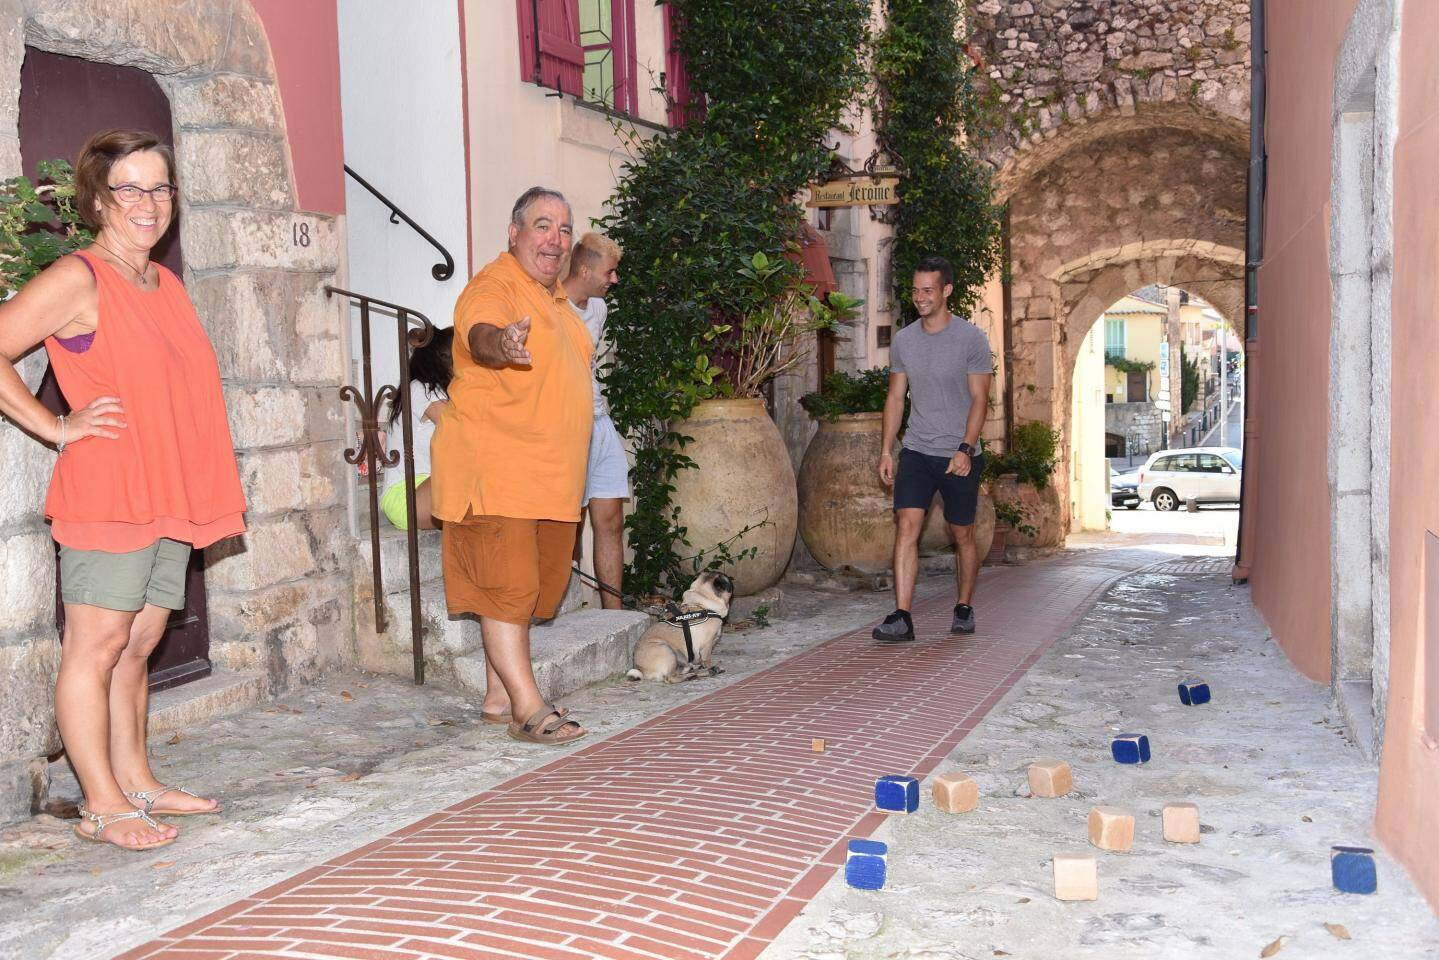 Gagnant indétrônable, Oreste (en jaune) a remporté le concours en doublette avec une Turbiasque, Isabelle (en orange).